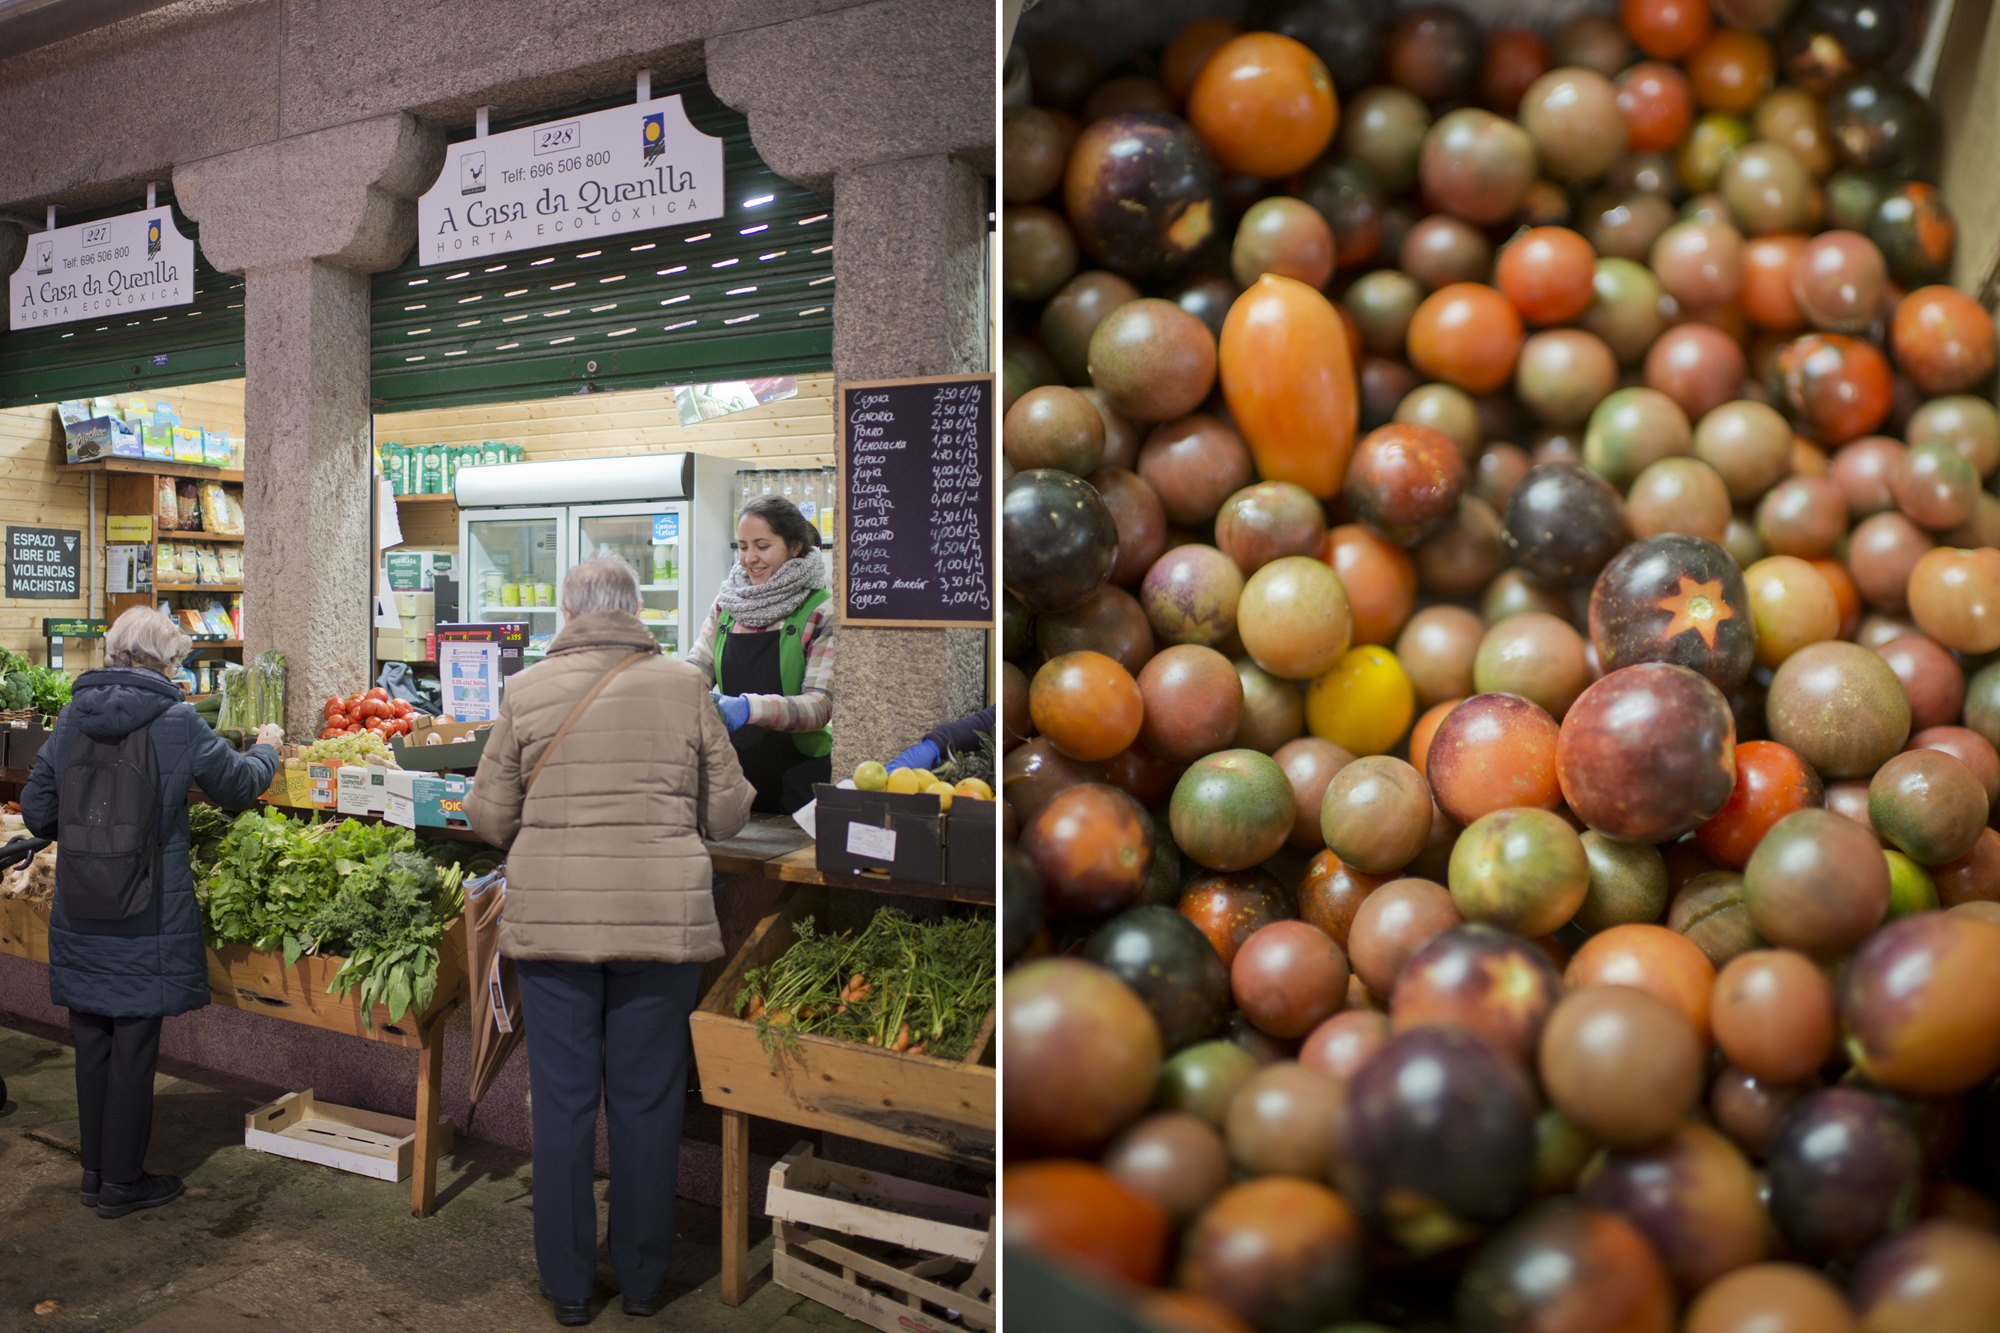 Viva la imperfección de los tomates que sí saben a tomate.